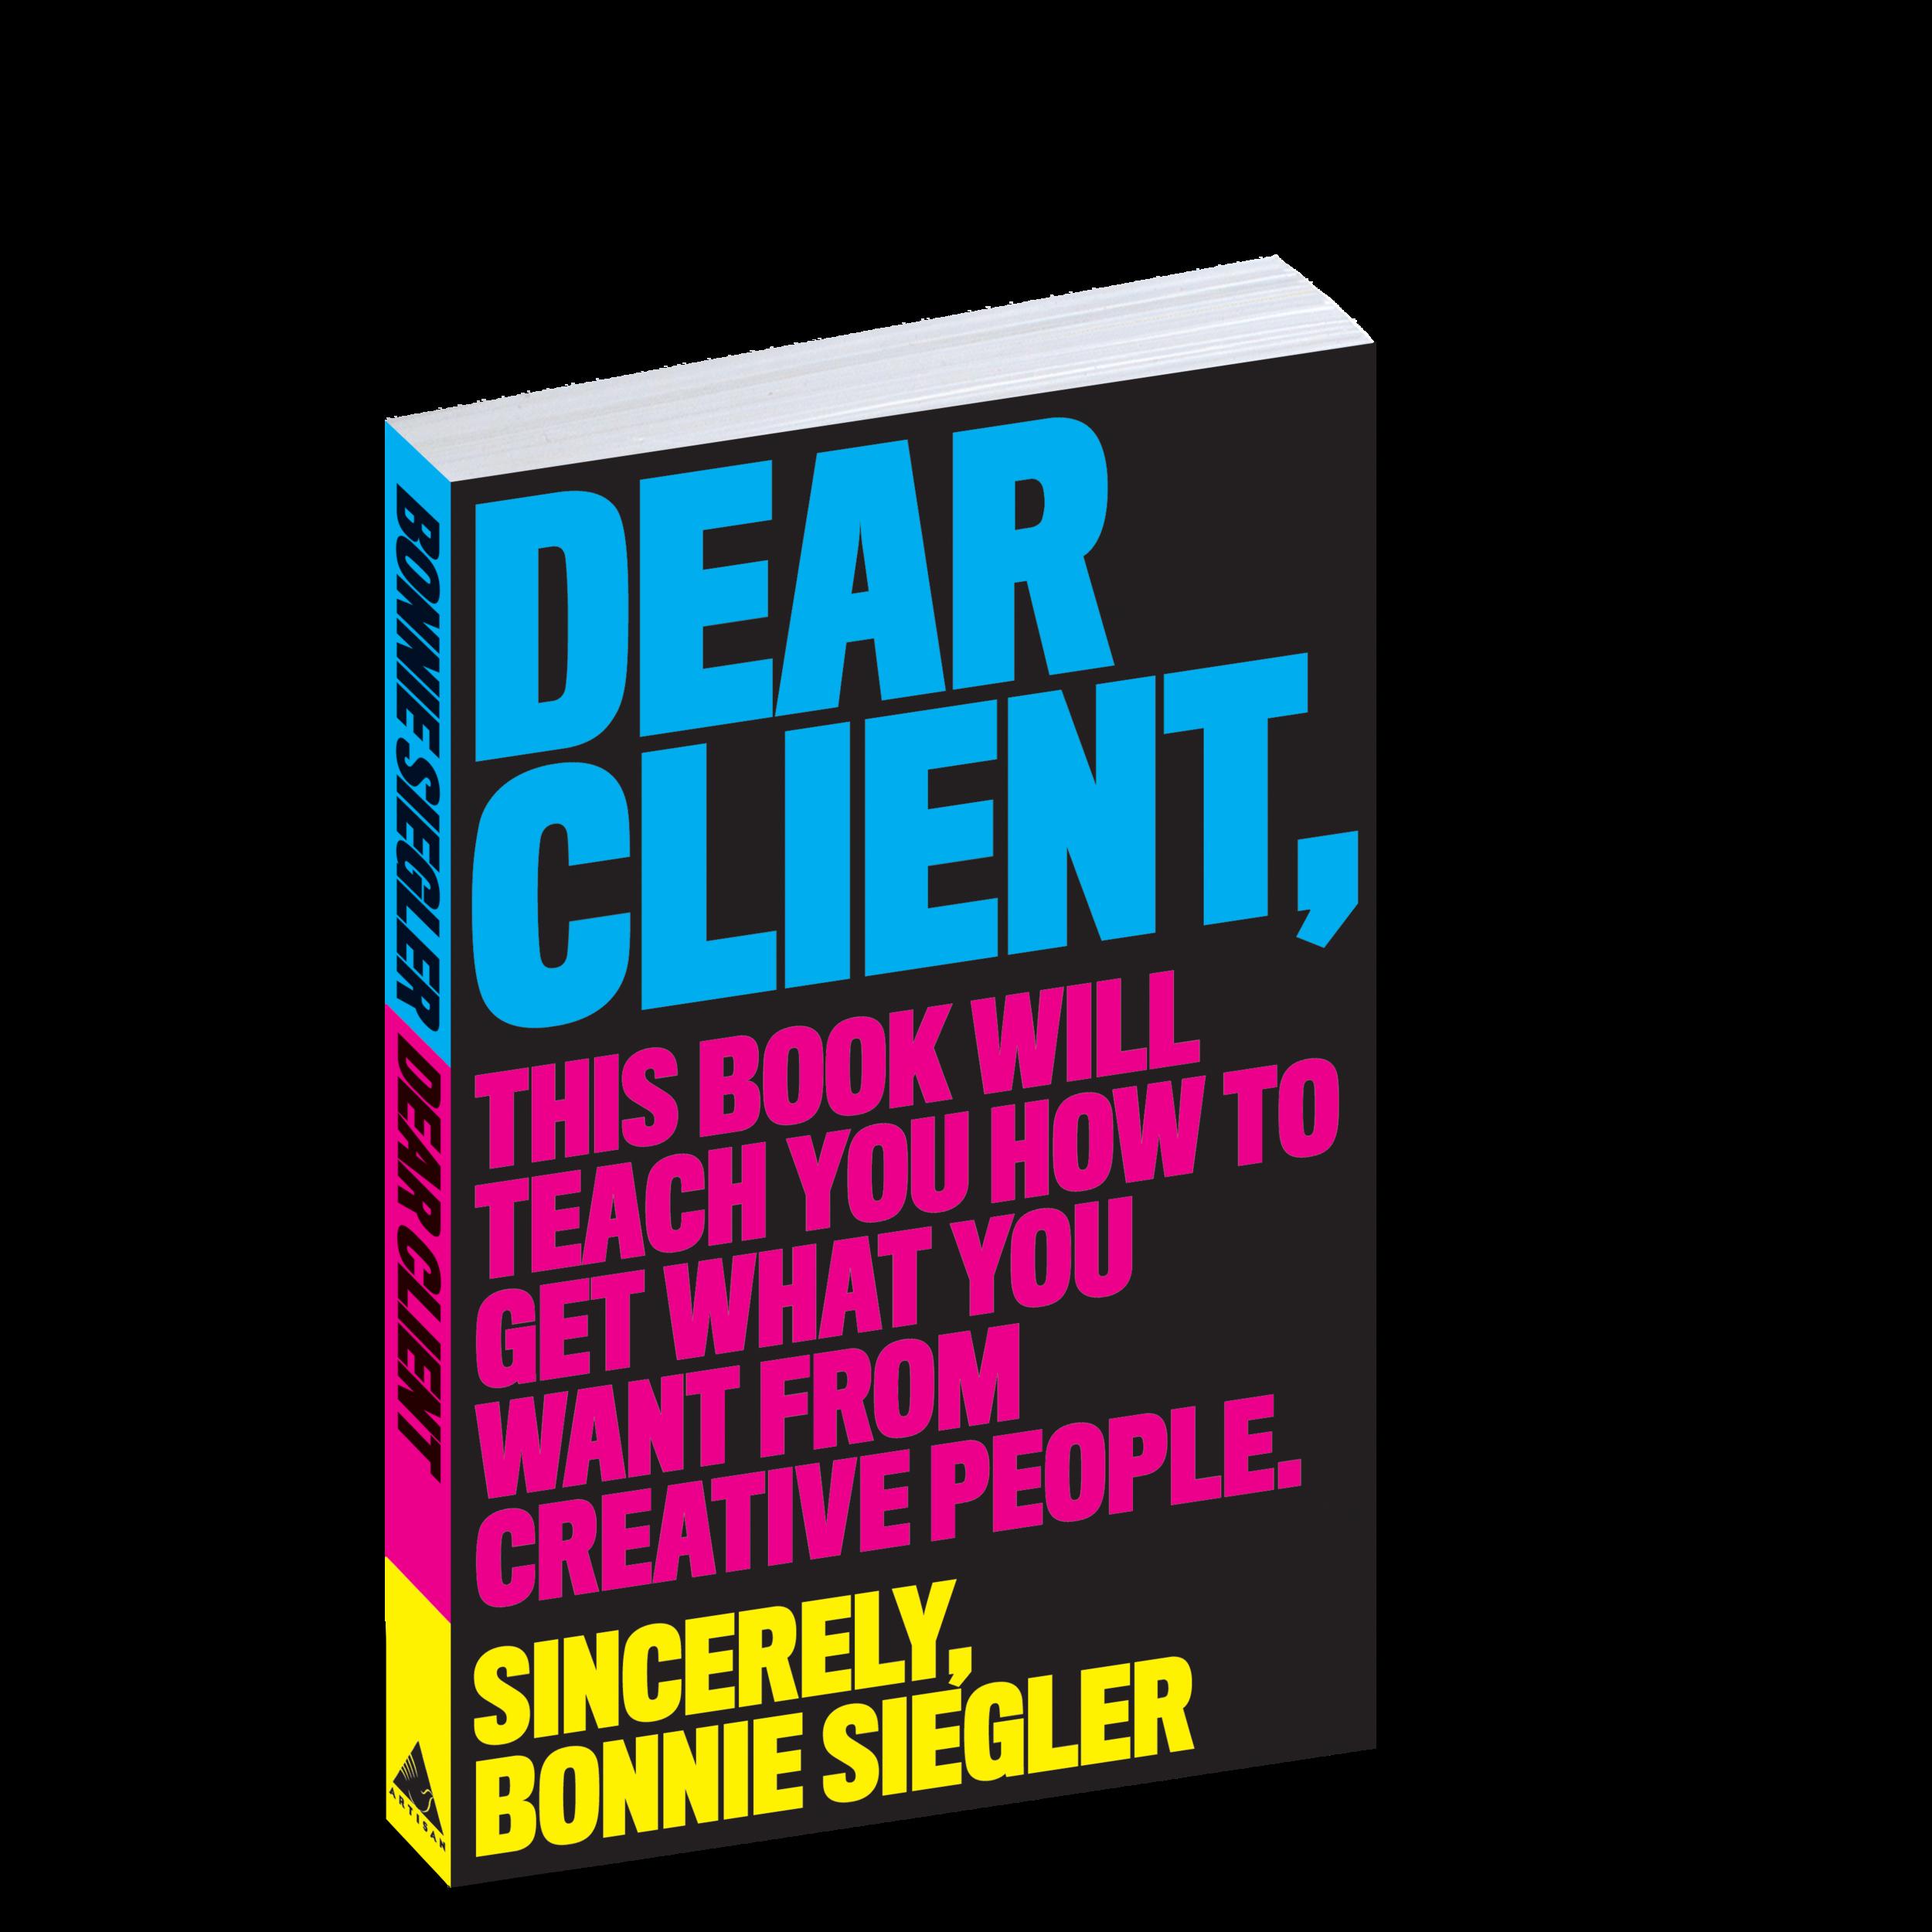 Bonnie Siegler Book.png